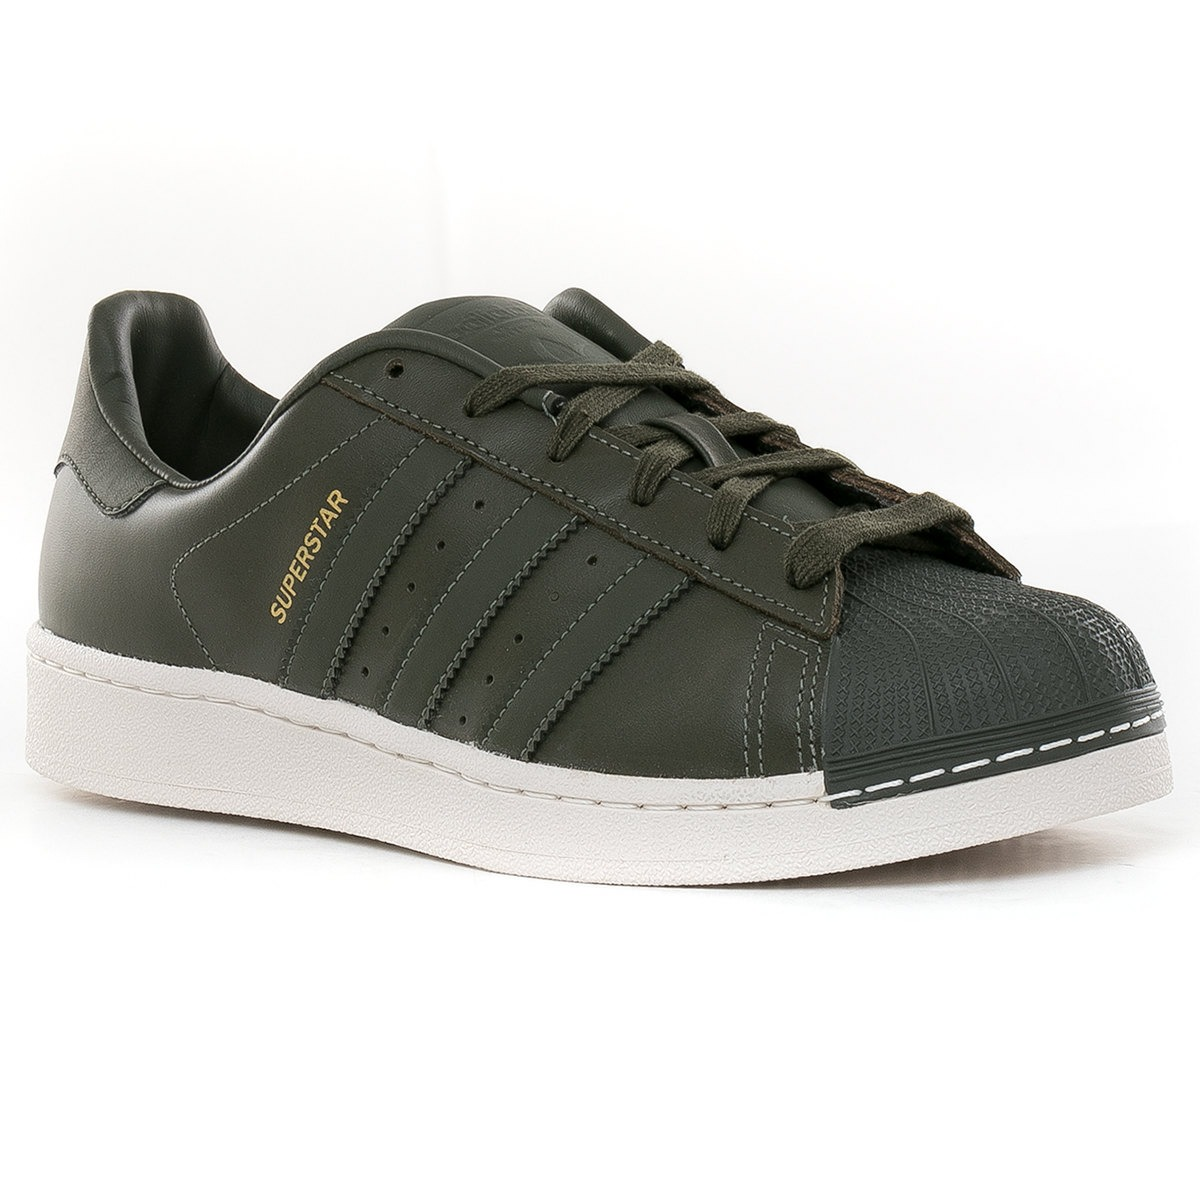 best authentic 83e2a 4f2c3 zapatillas superstar adidas originals tienda oficial. Cargando zoom.